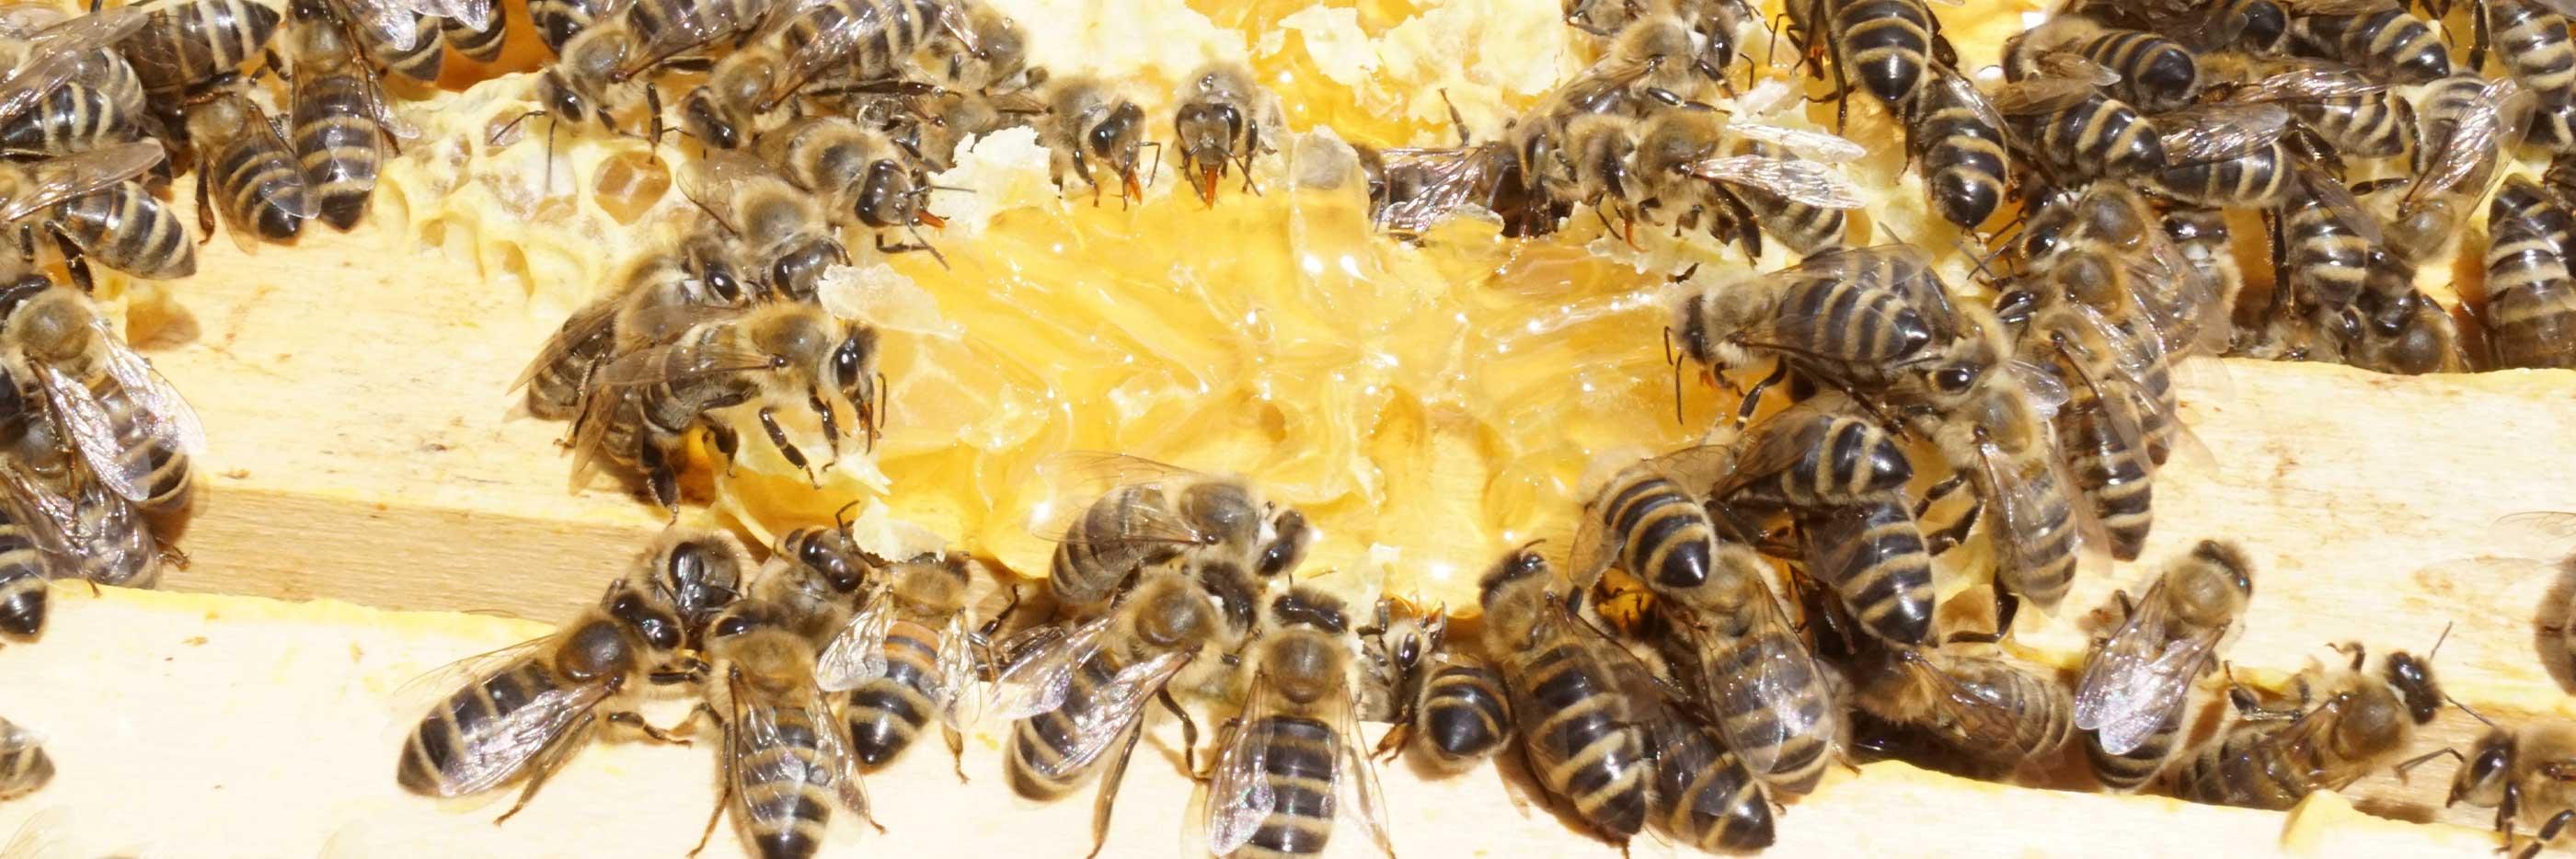 De zwerm bijen verzamelt de honing uit de open raten   mey®